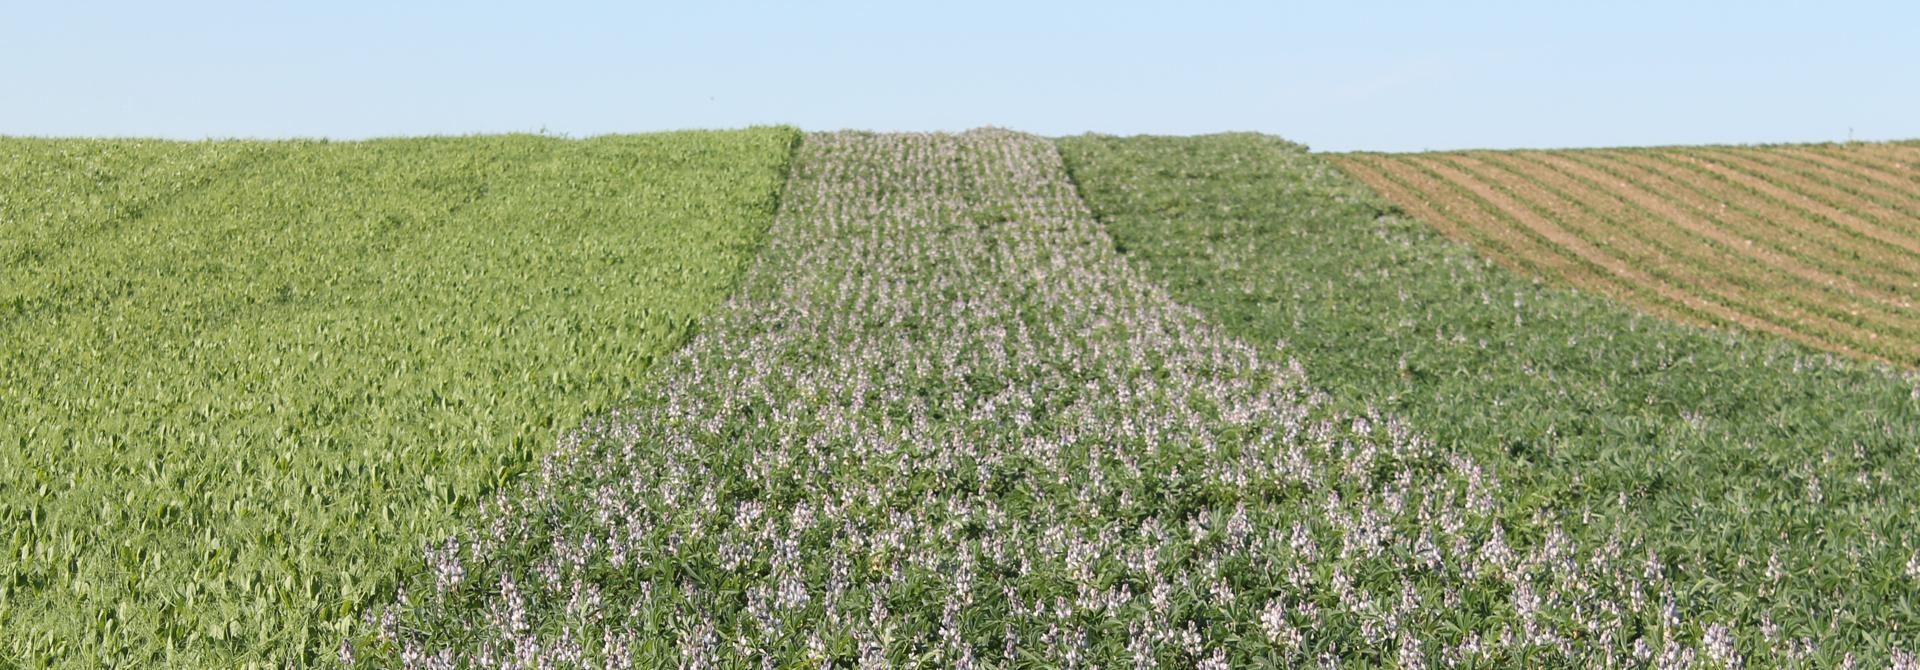 Die Weisse Lupinensorte FRIEDA weist einen guten Ertrag auf und ist mit ihrer Anthraknose-Tolerantz und rechtzeitiger Abreife vielversprechend fu00fcr dein Schweizerischen Ackerbau.>